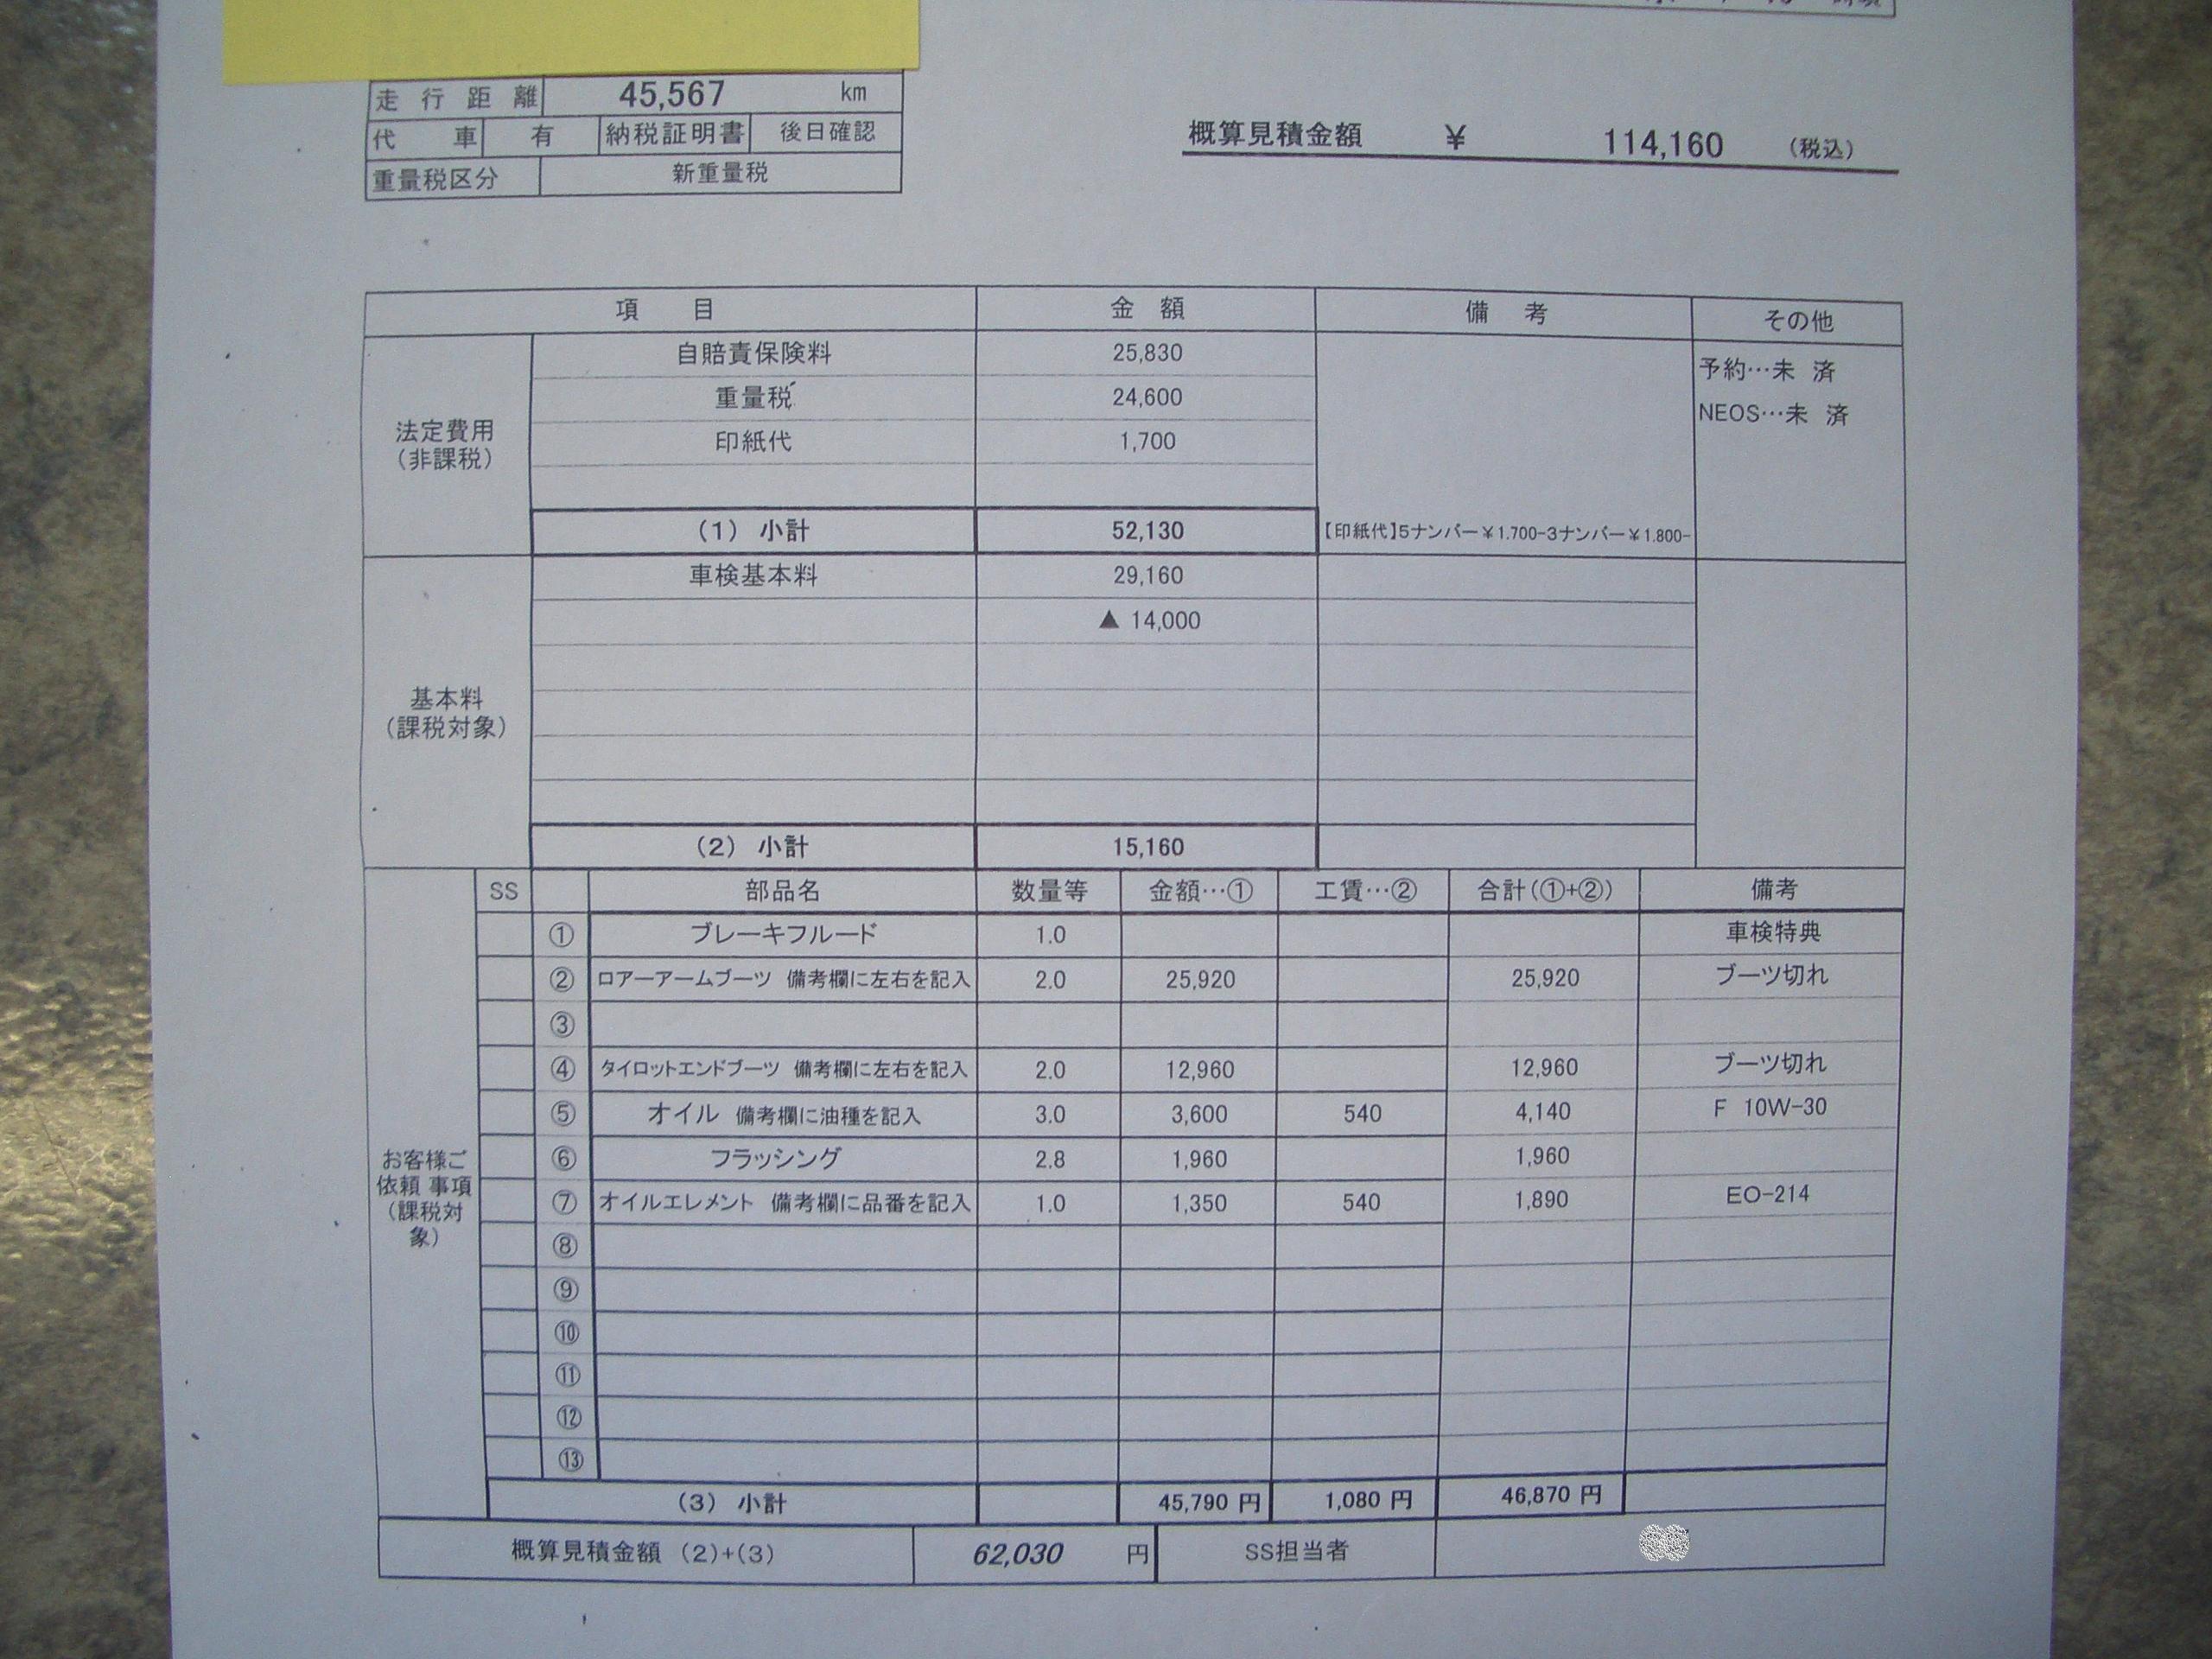 【見積り比較】車検費用を比べてみました☆あるガソリンスタンドさん編/車検のコバック越谷店